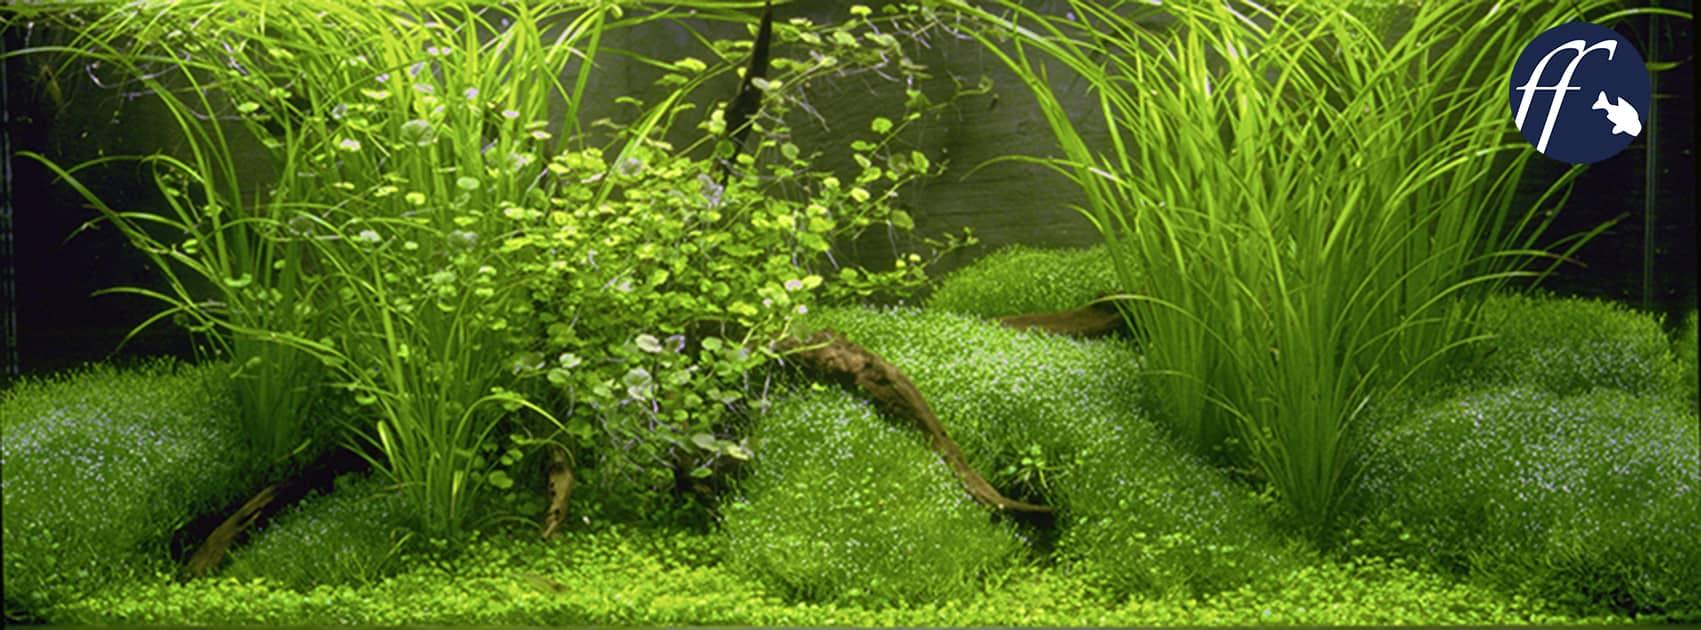 Franky Friday: Bodengrund im Aquarium - Welcher ist richtig?